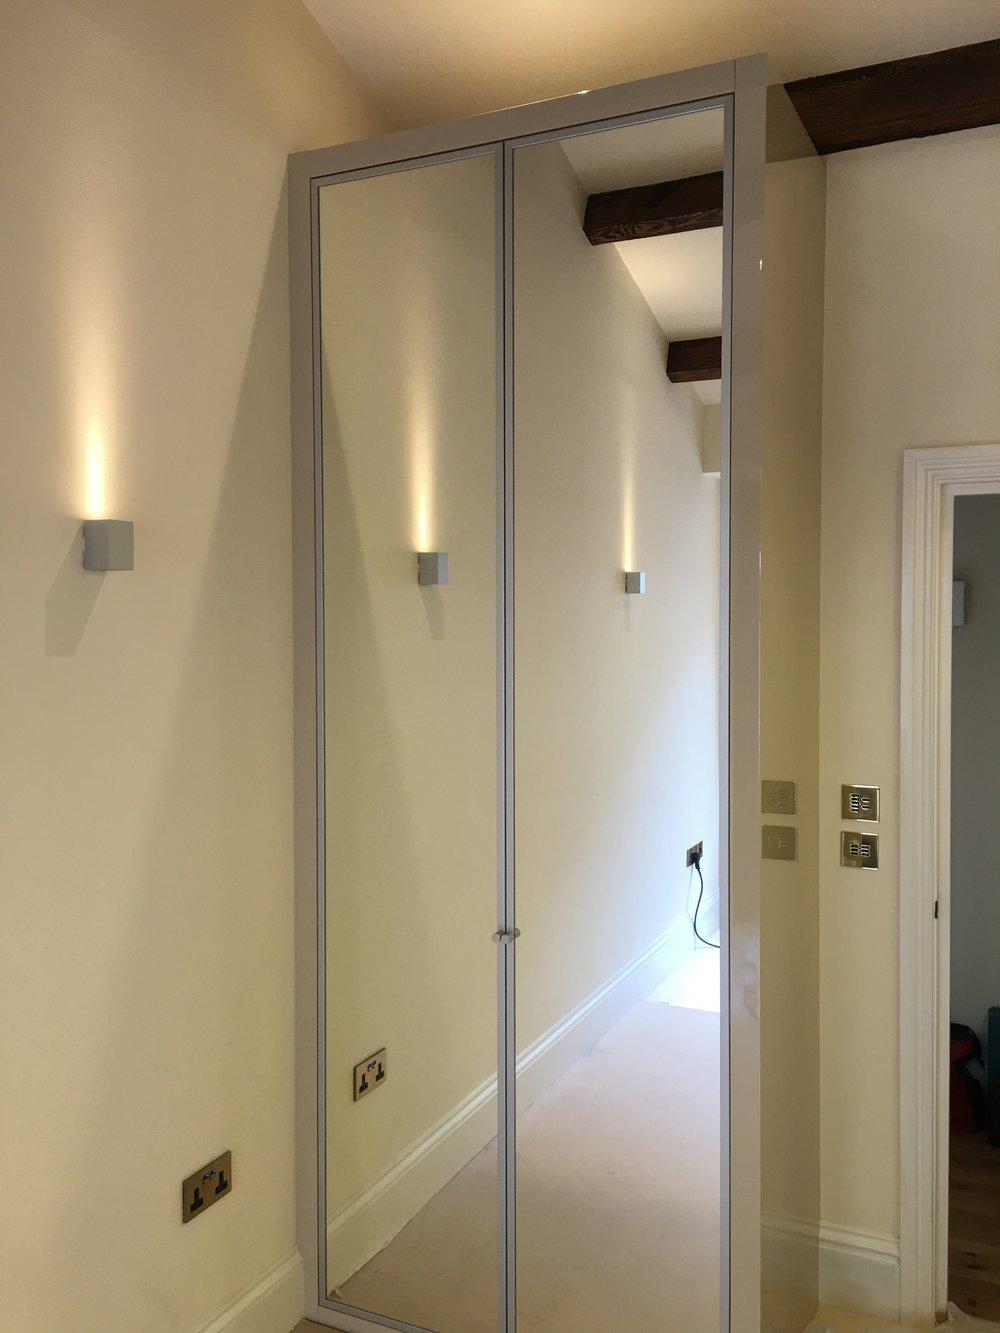 Electric sockets mounted inside wardrobe